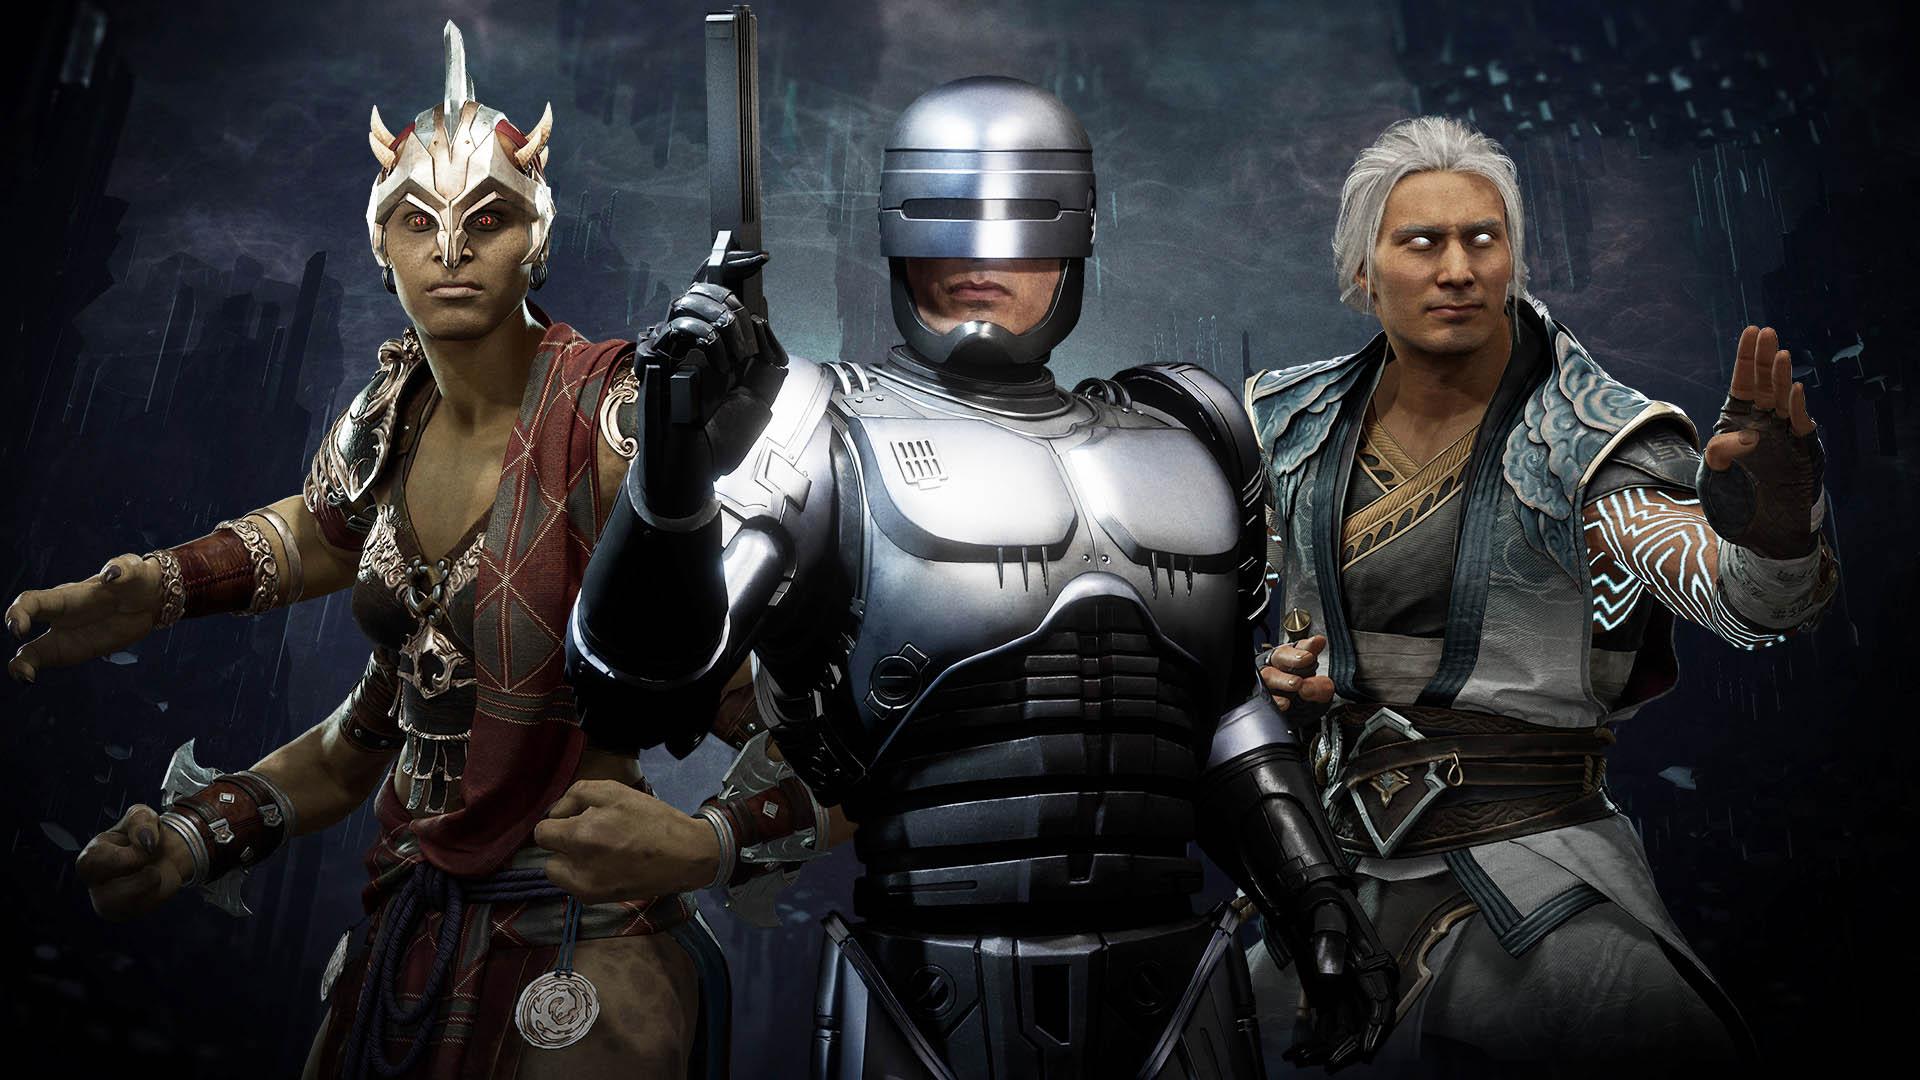 Робокоп, Шива, Friendship иразвитие сюжета Mortal Kombat 11— что еще будет вдополнении Aftermath?